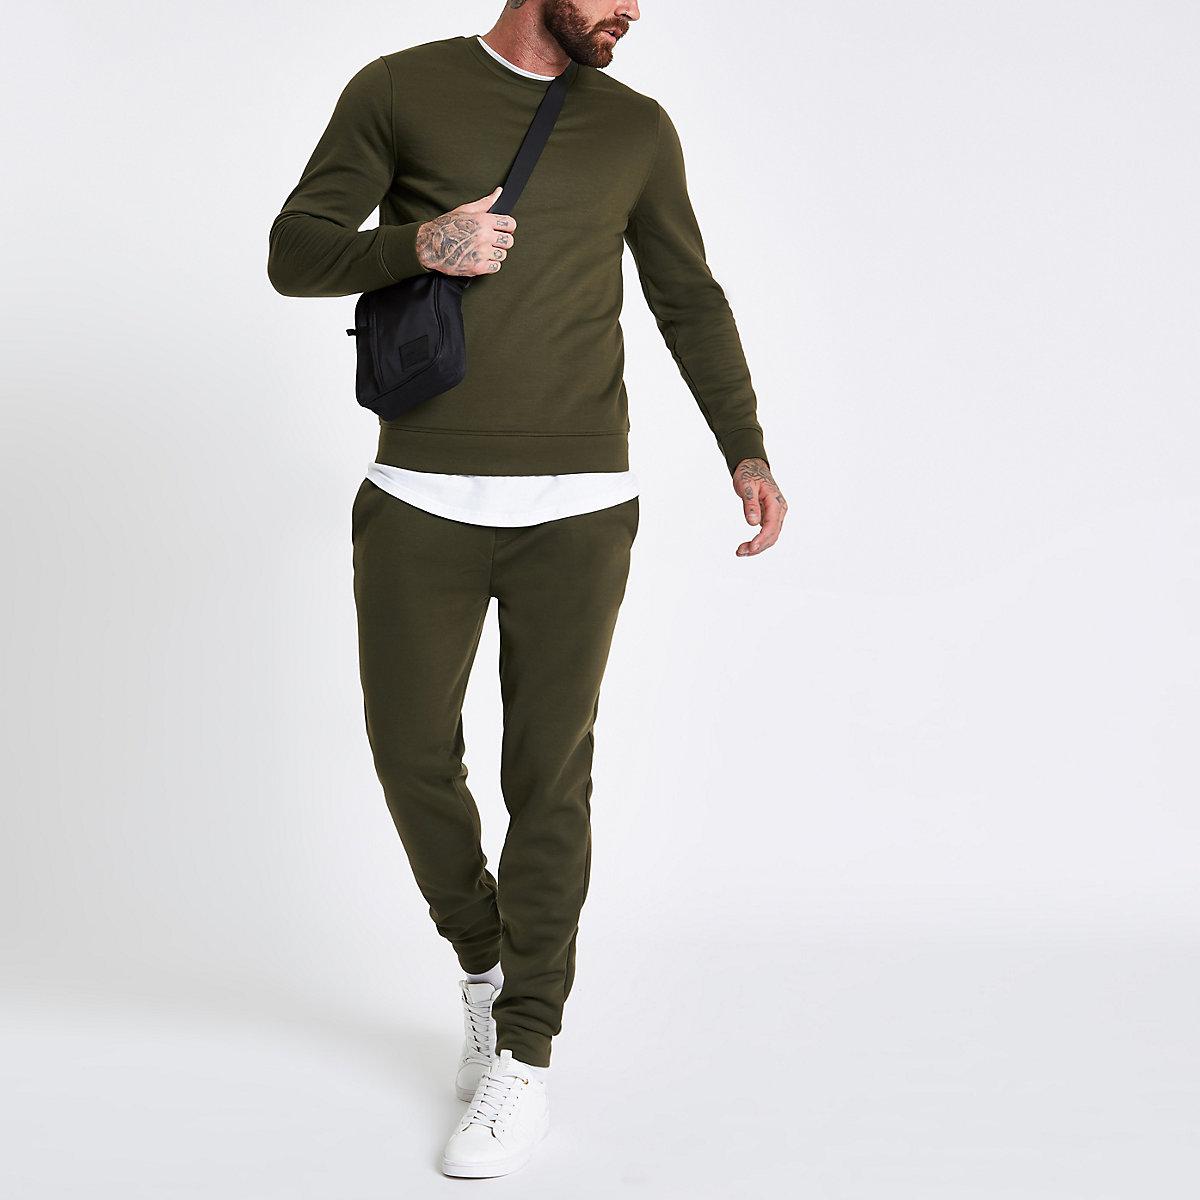 Khaki green crew neck long sleeve sweatshirt